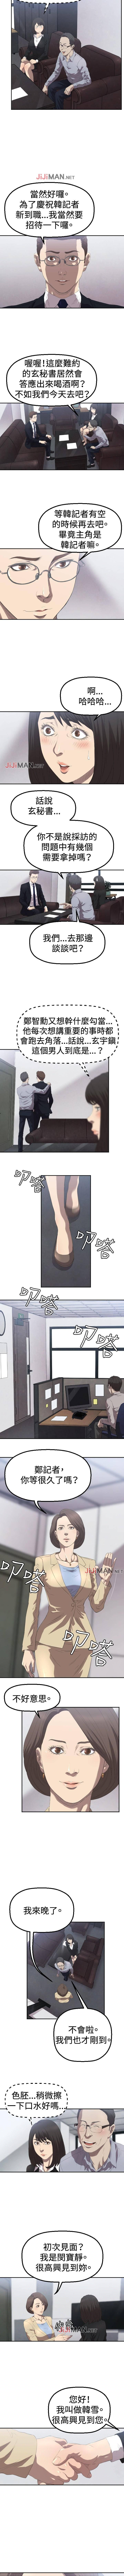 【已完结】索多玛俱乐部(作者:何藝媛&庫奈尼) 第1~32话 11